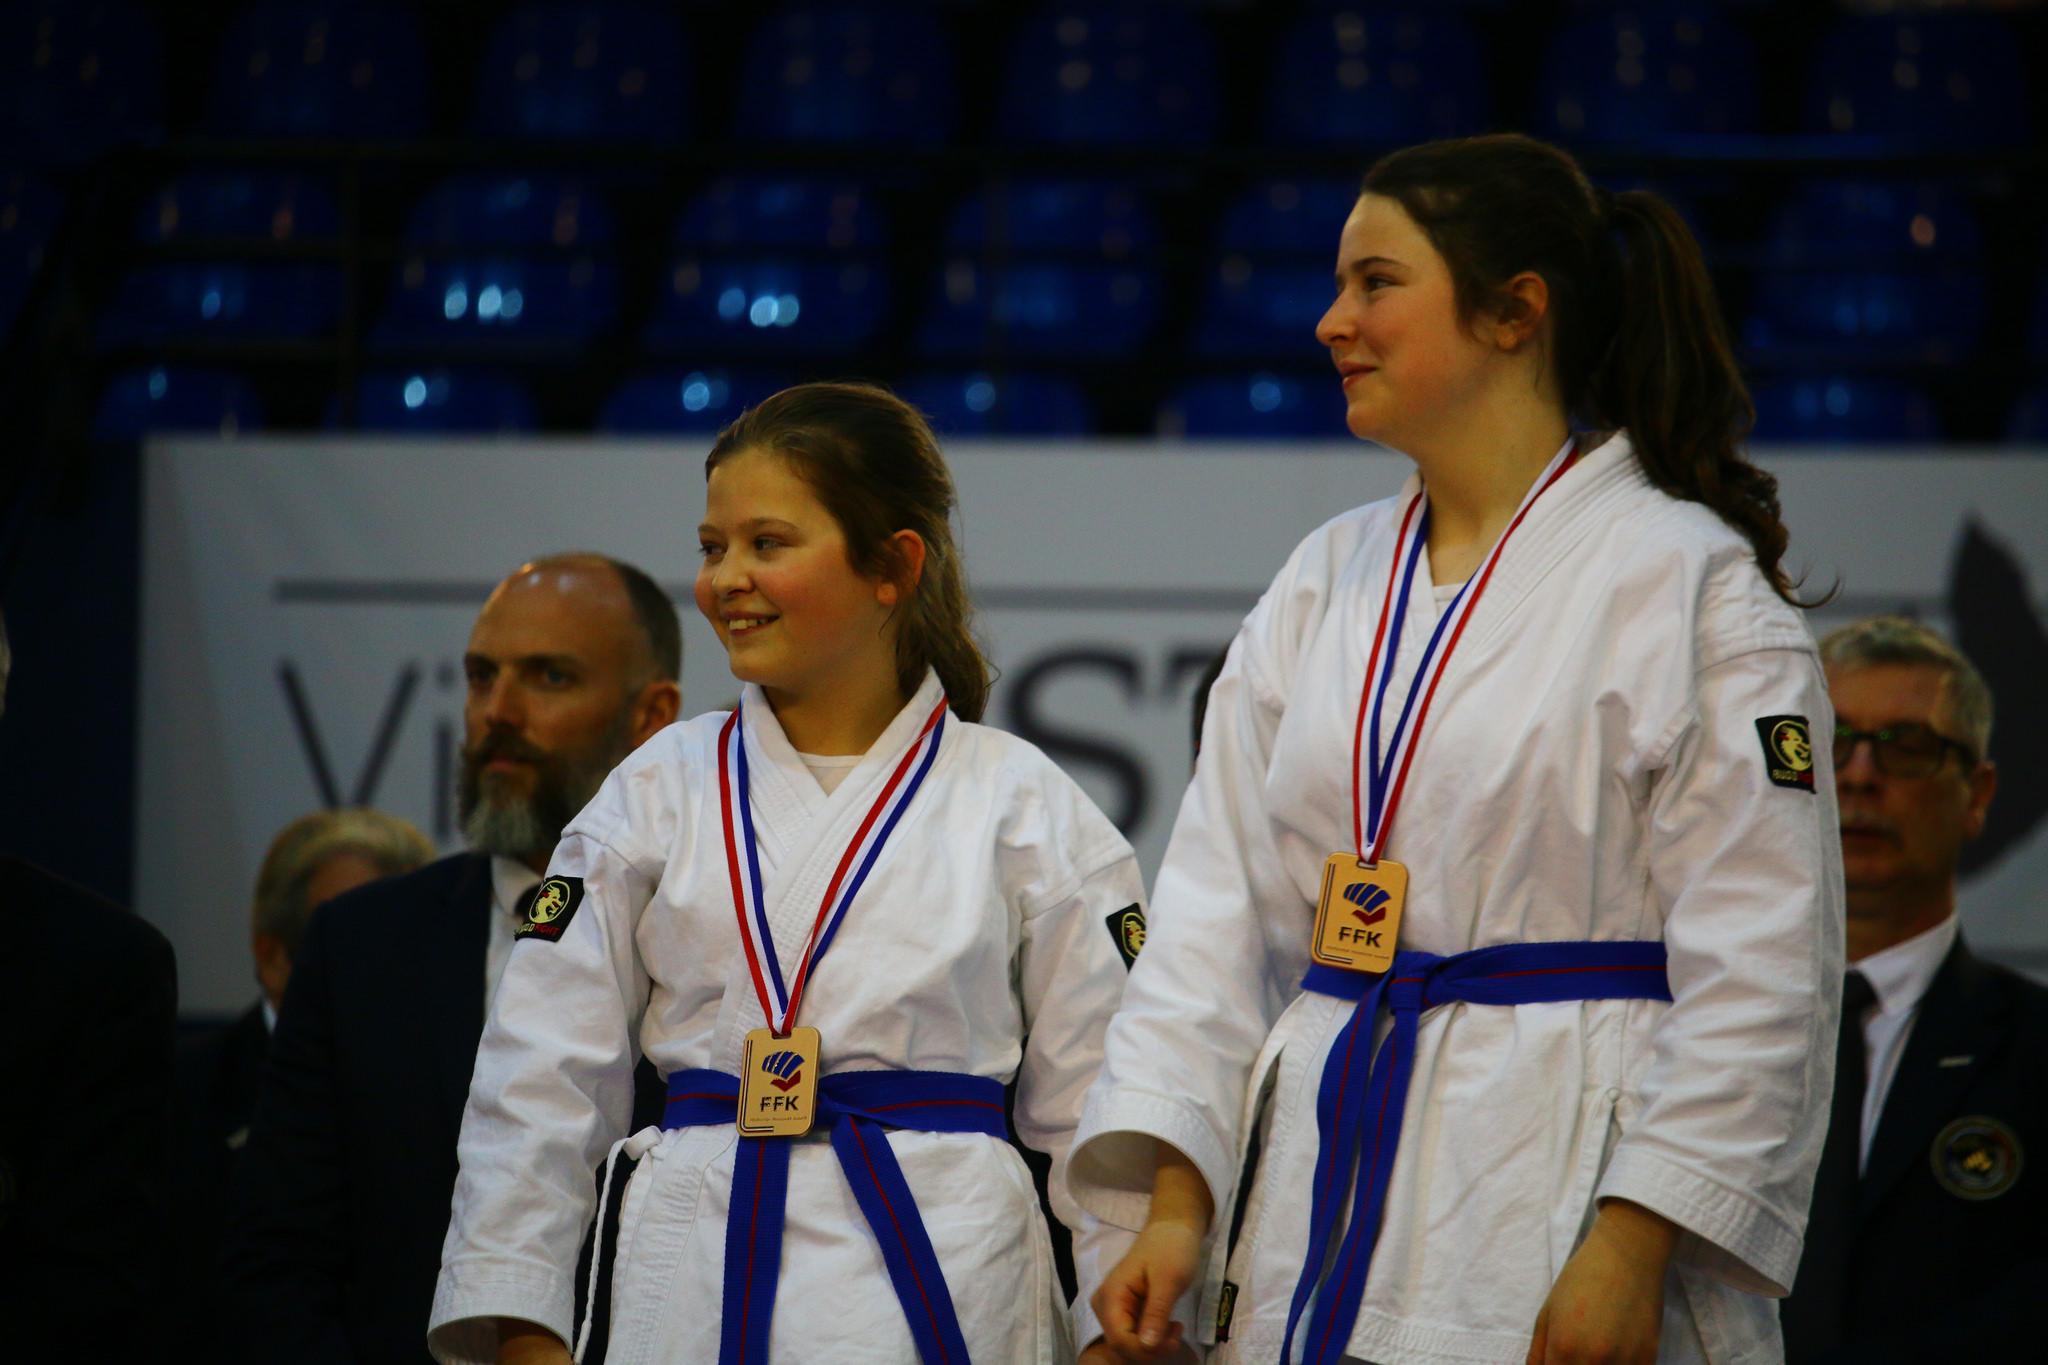 Manon et Lucie, médaillées de bronze en équipe - Résultats de la coupe de France 2018